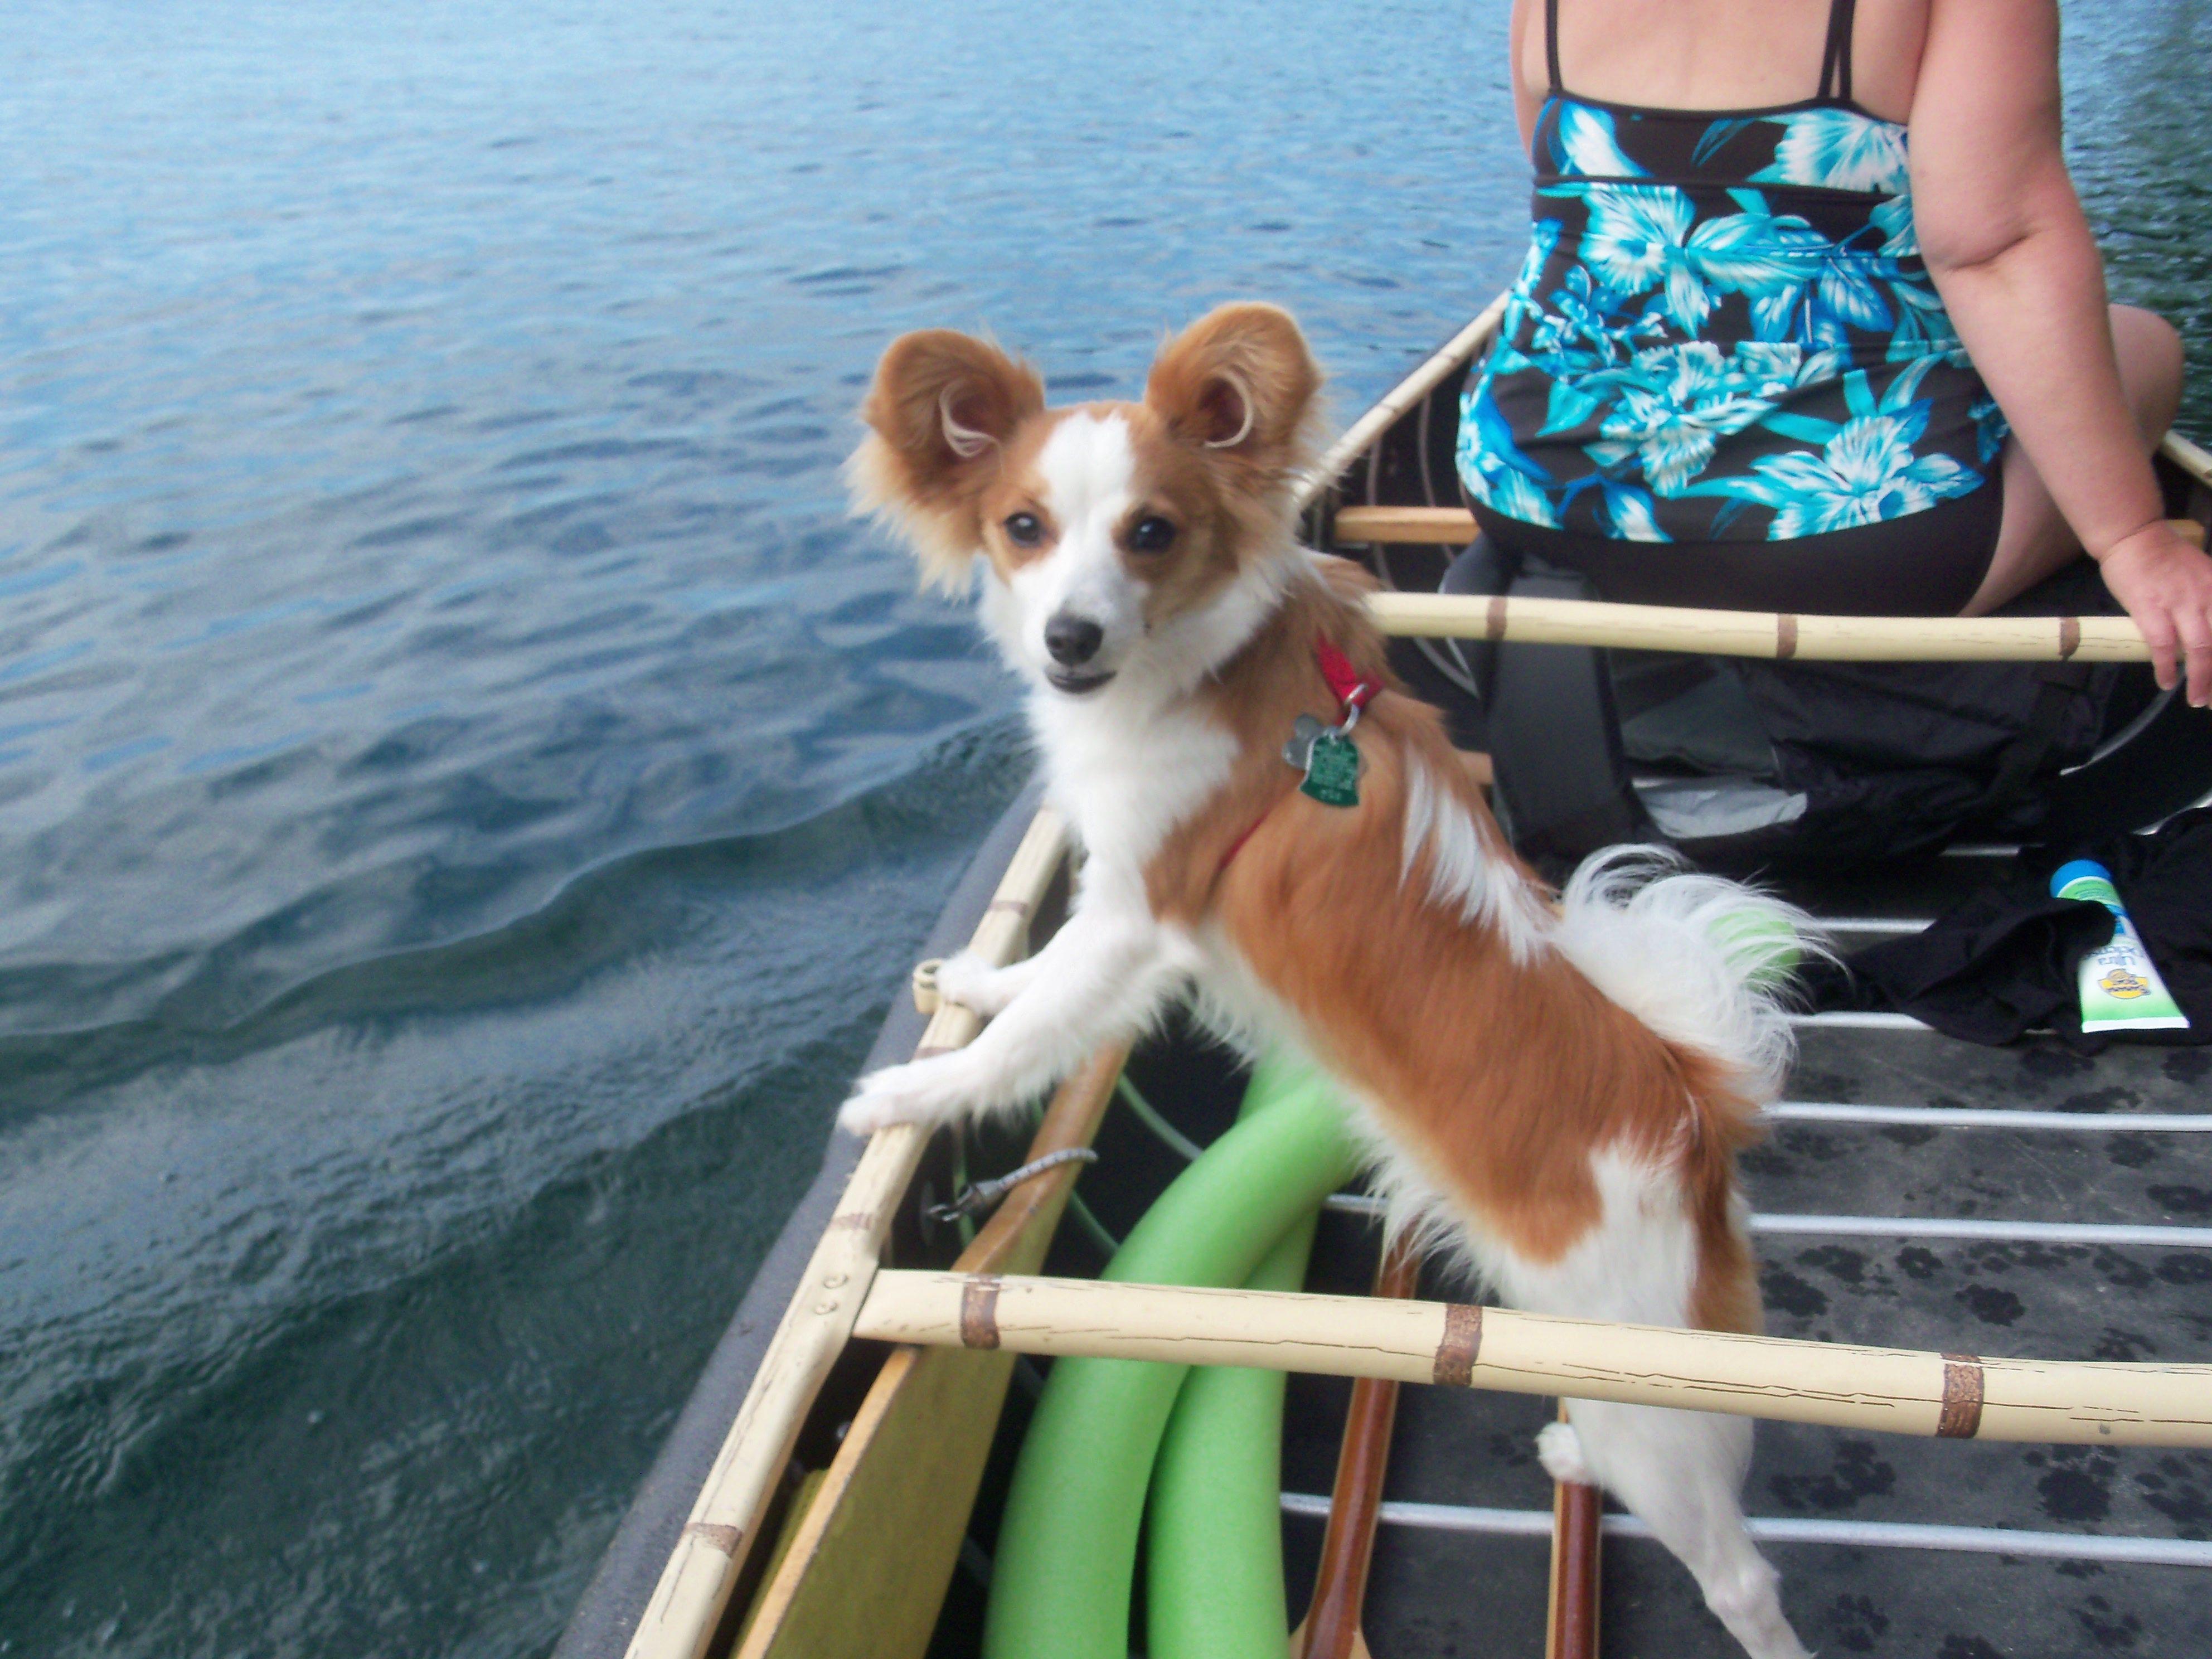 Canoe ride!